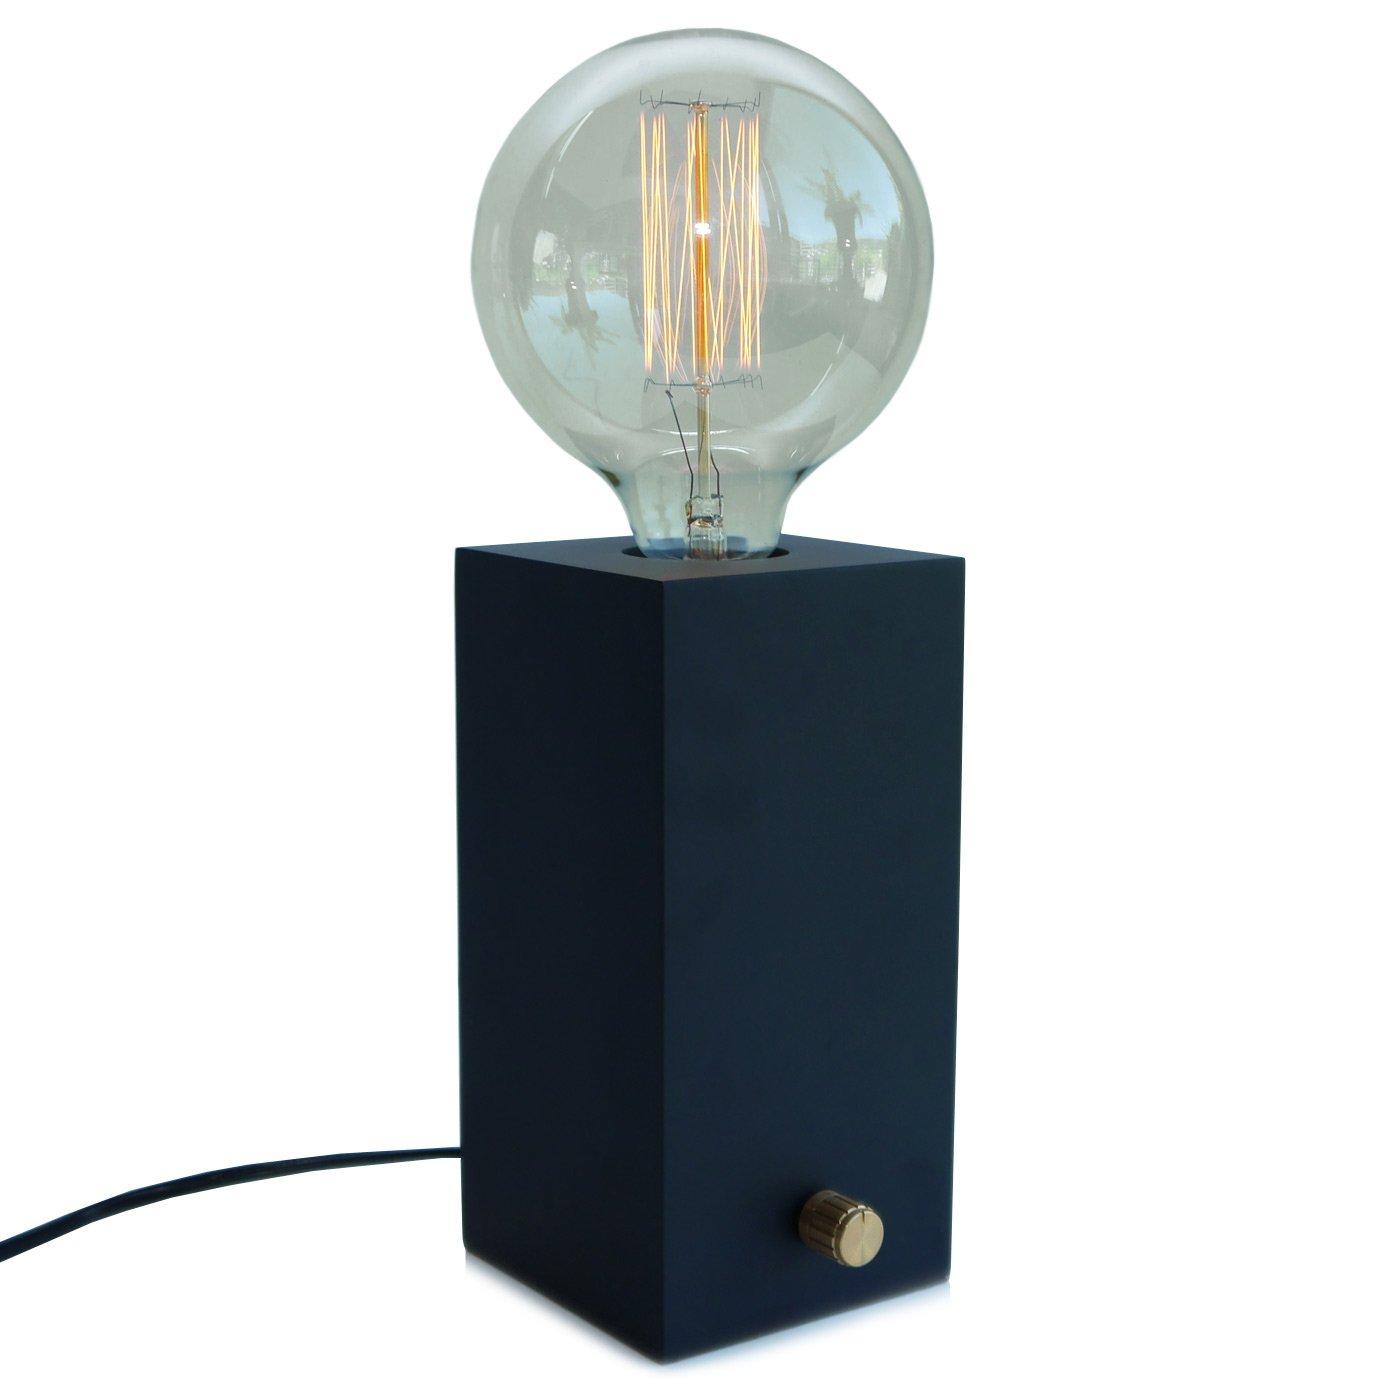 Design Tischlampe EDISON aus Holz mit Dimmer: Amazon.de: Beleuchtung